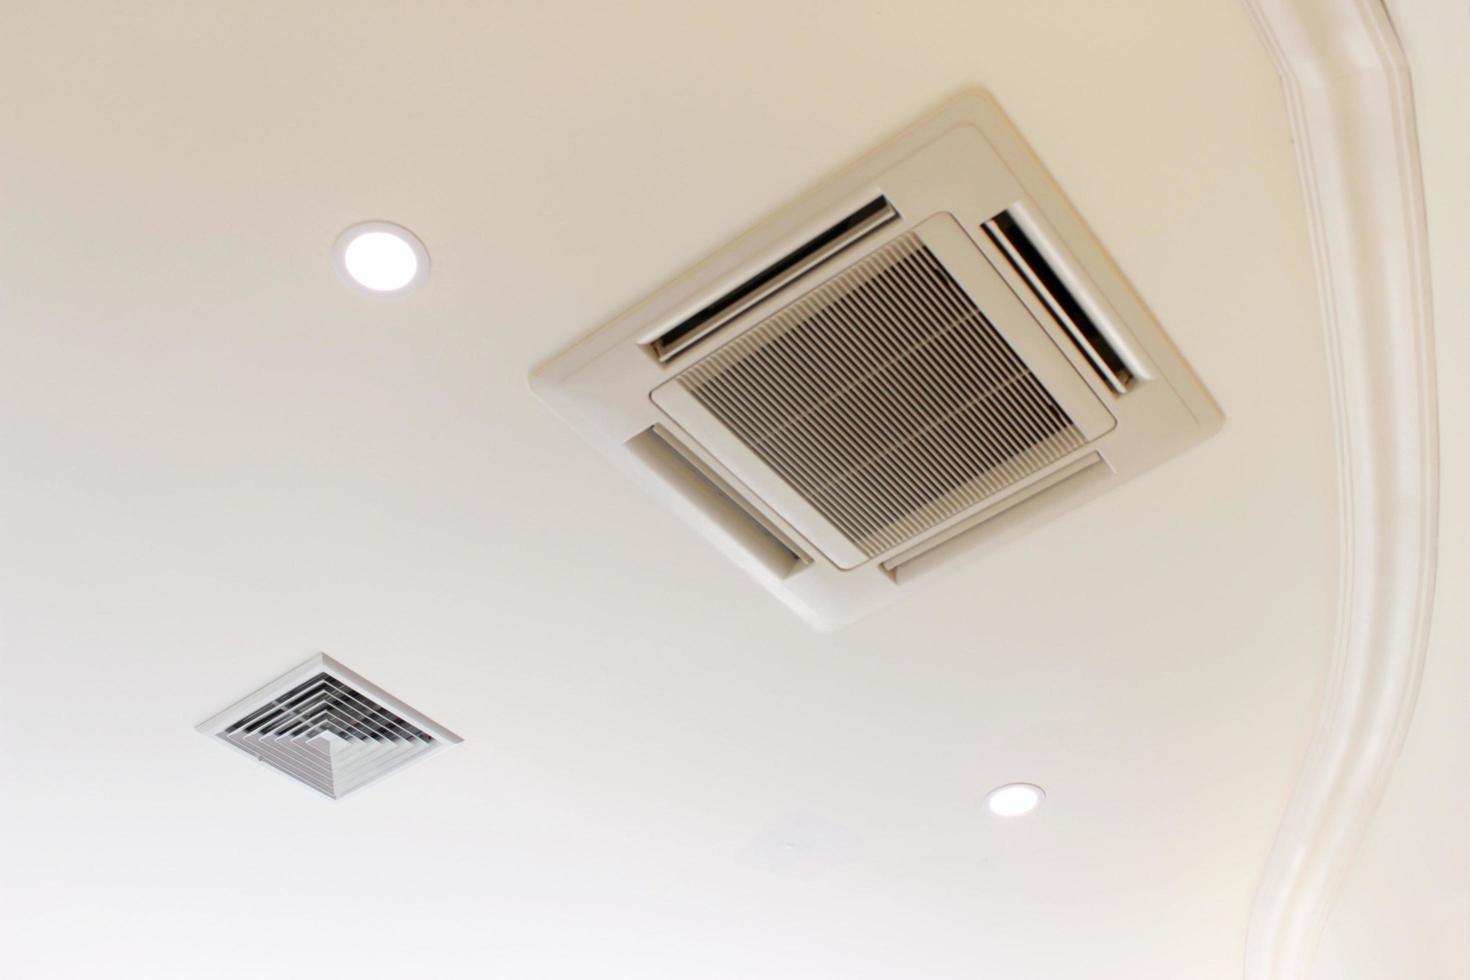 ventilación del aire acondicionado foto